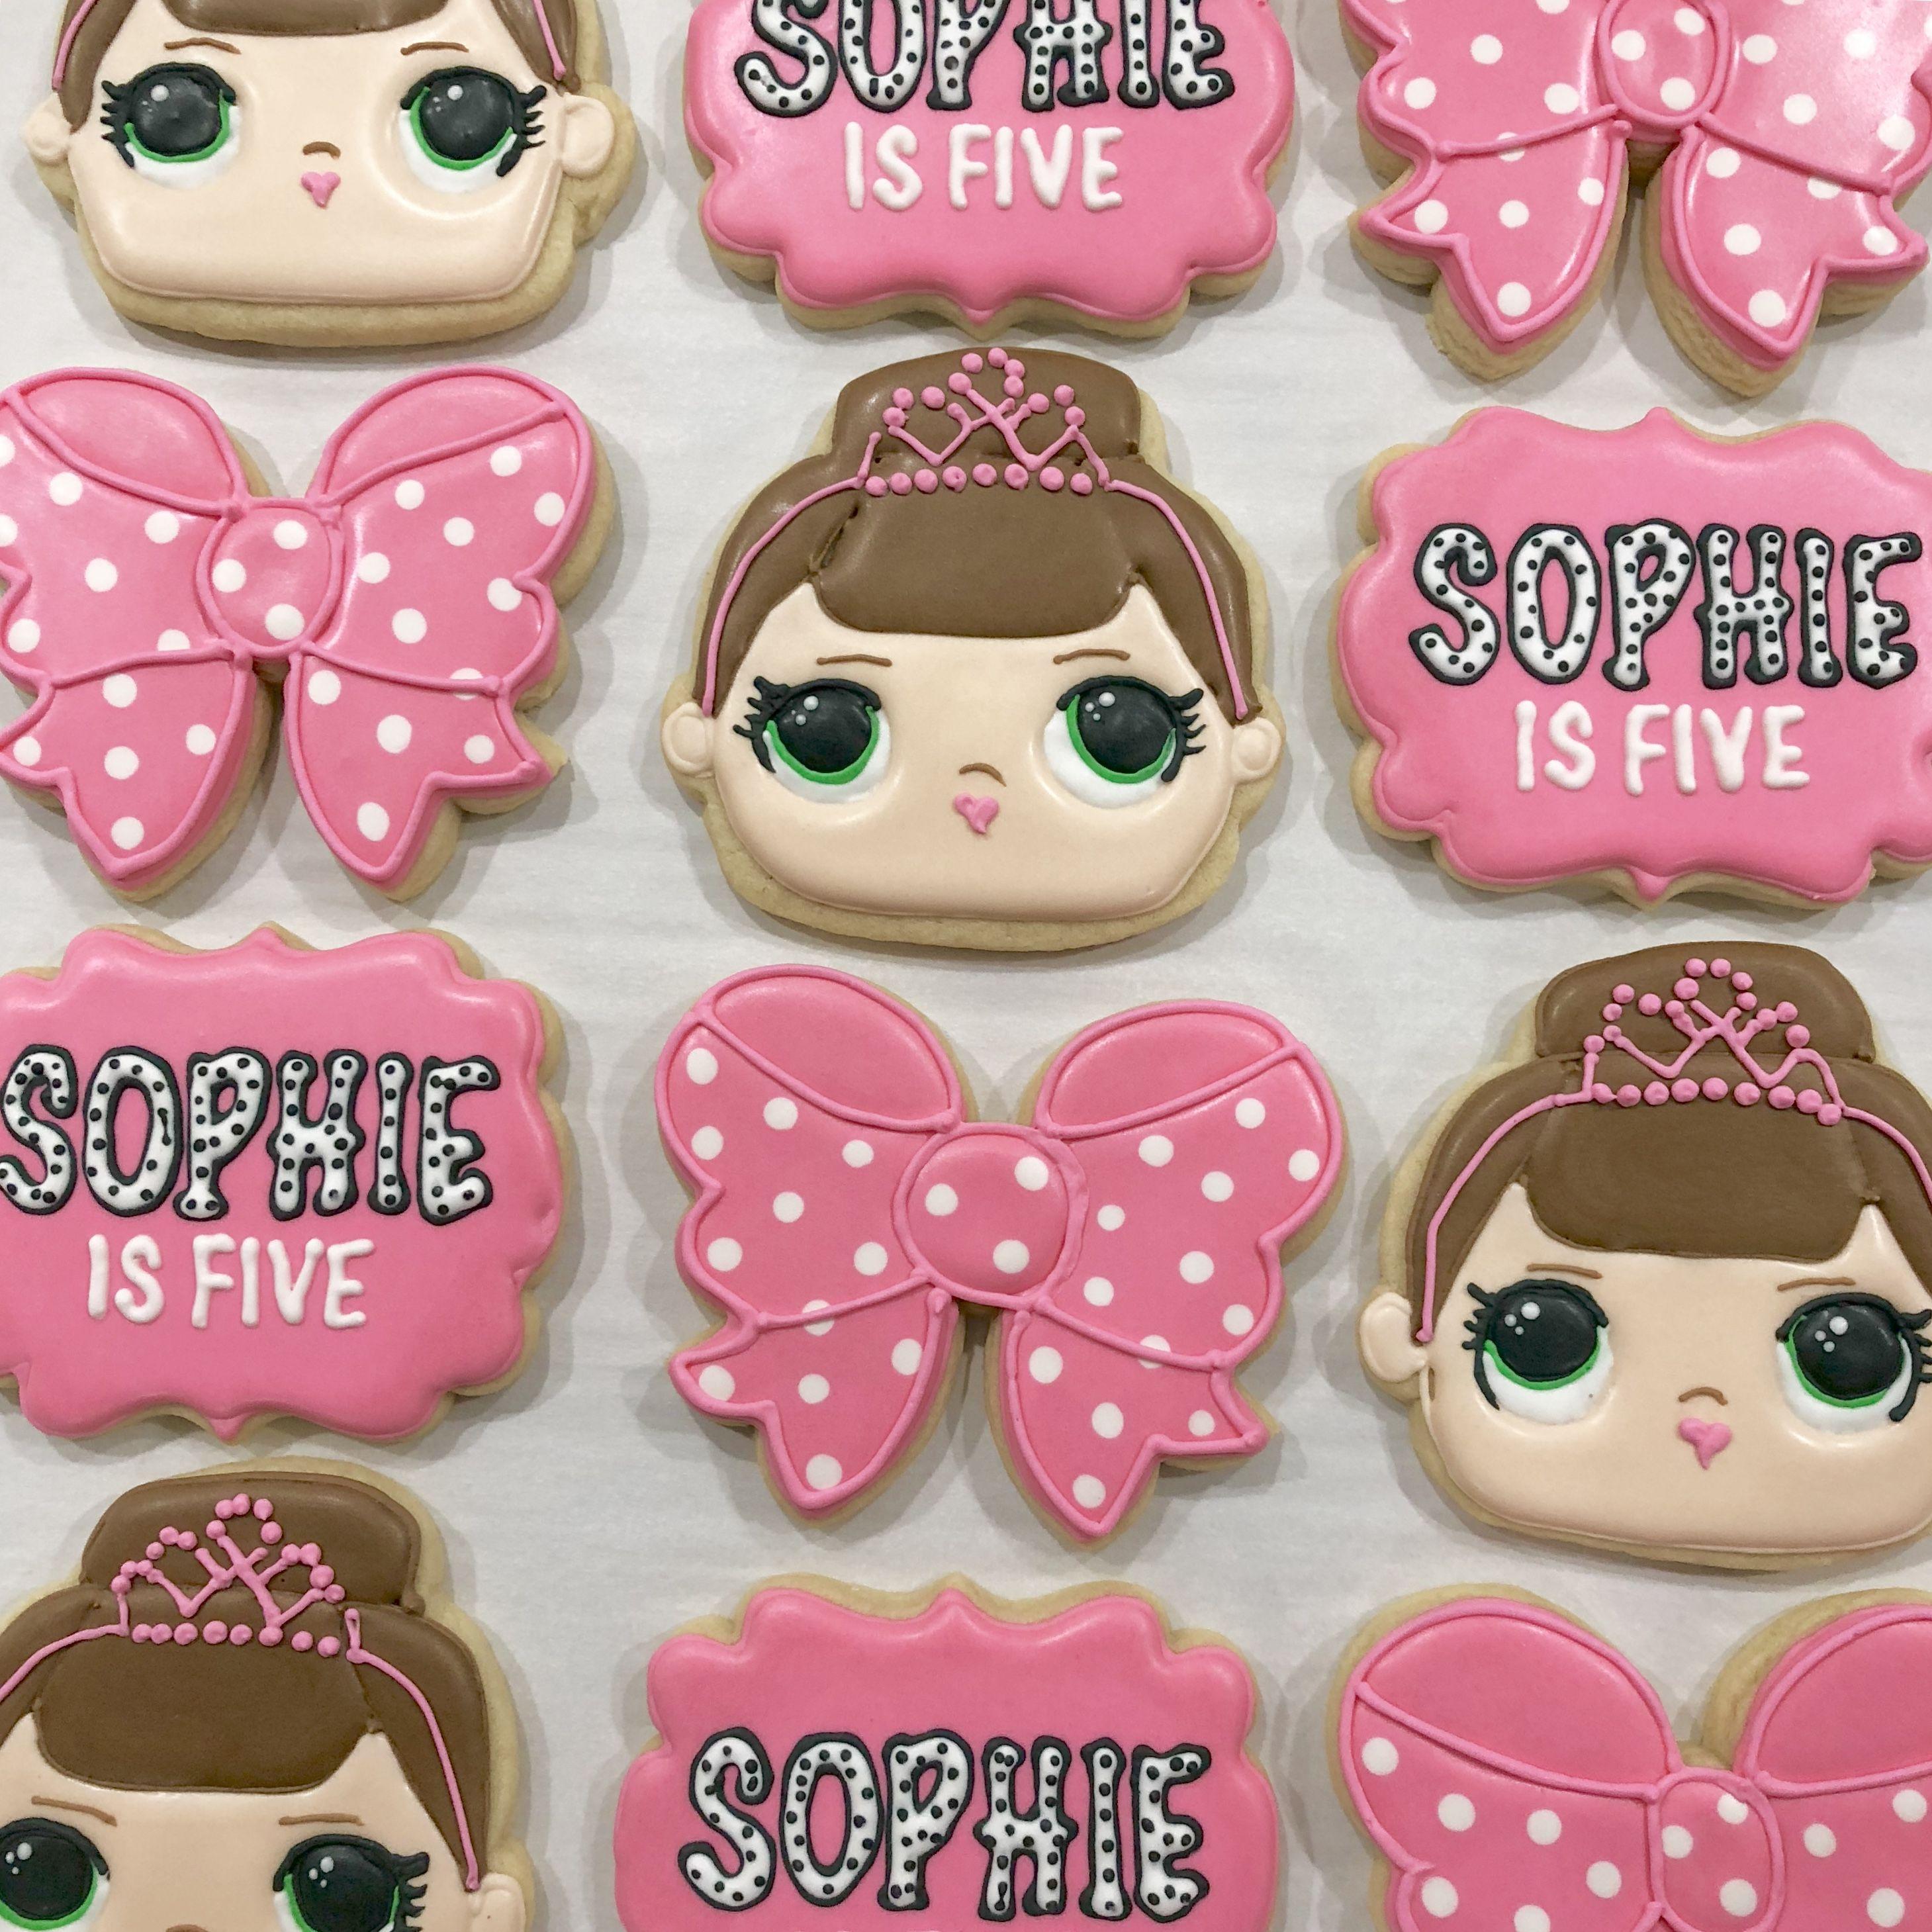 Lol Doll Themed Decorated Sugar Cookies Honeybeebakeshoppe Waco Texas Doll Cookies Cute Cookies Birthday Cookies